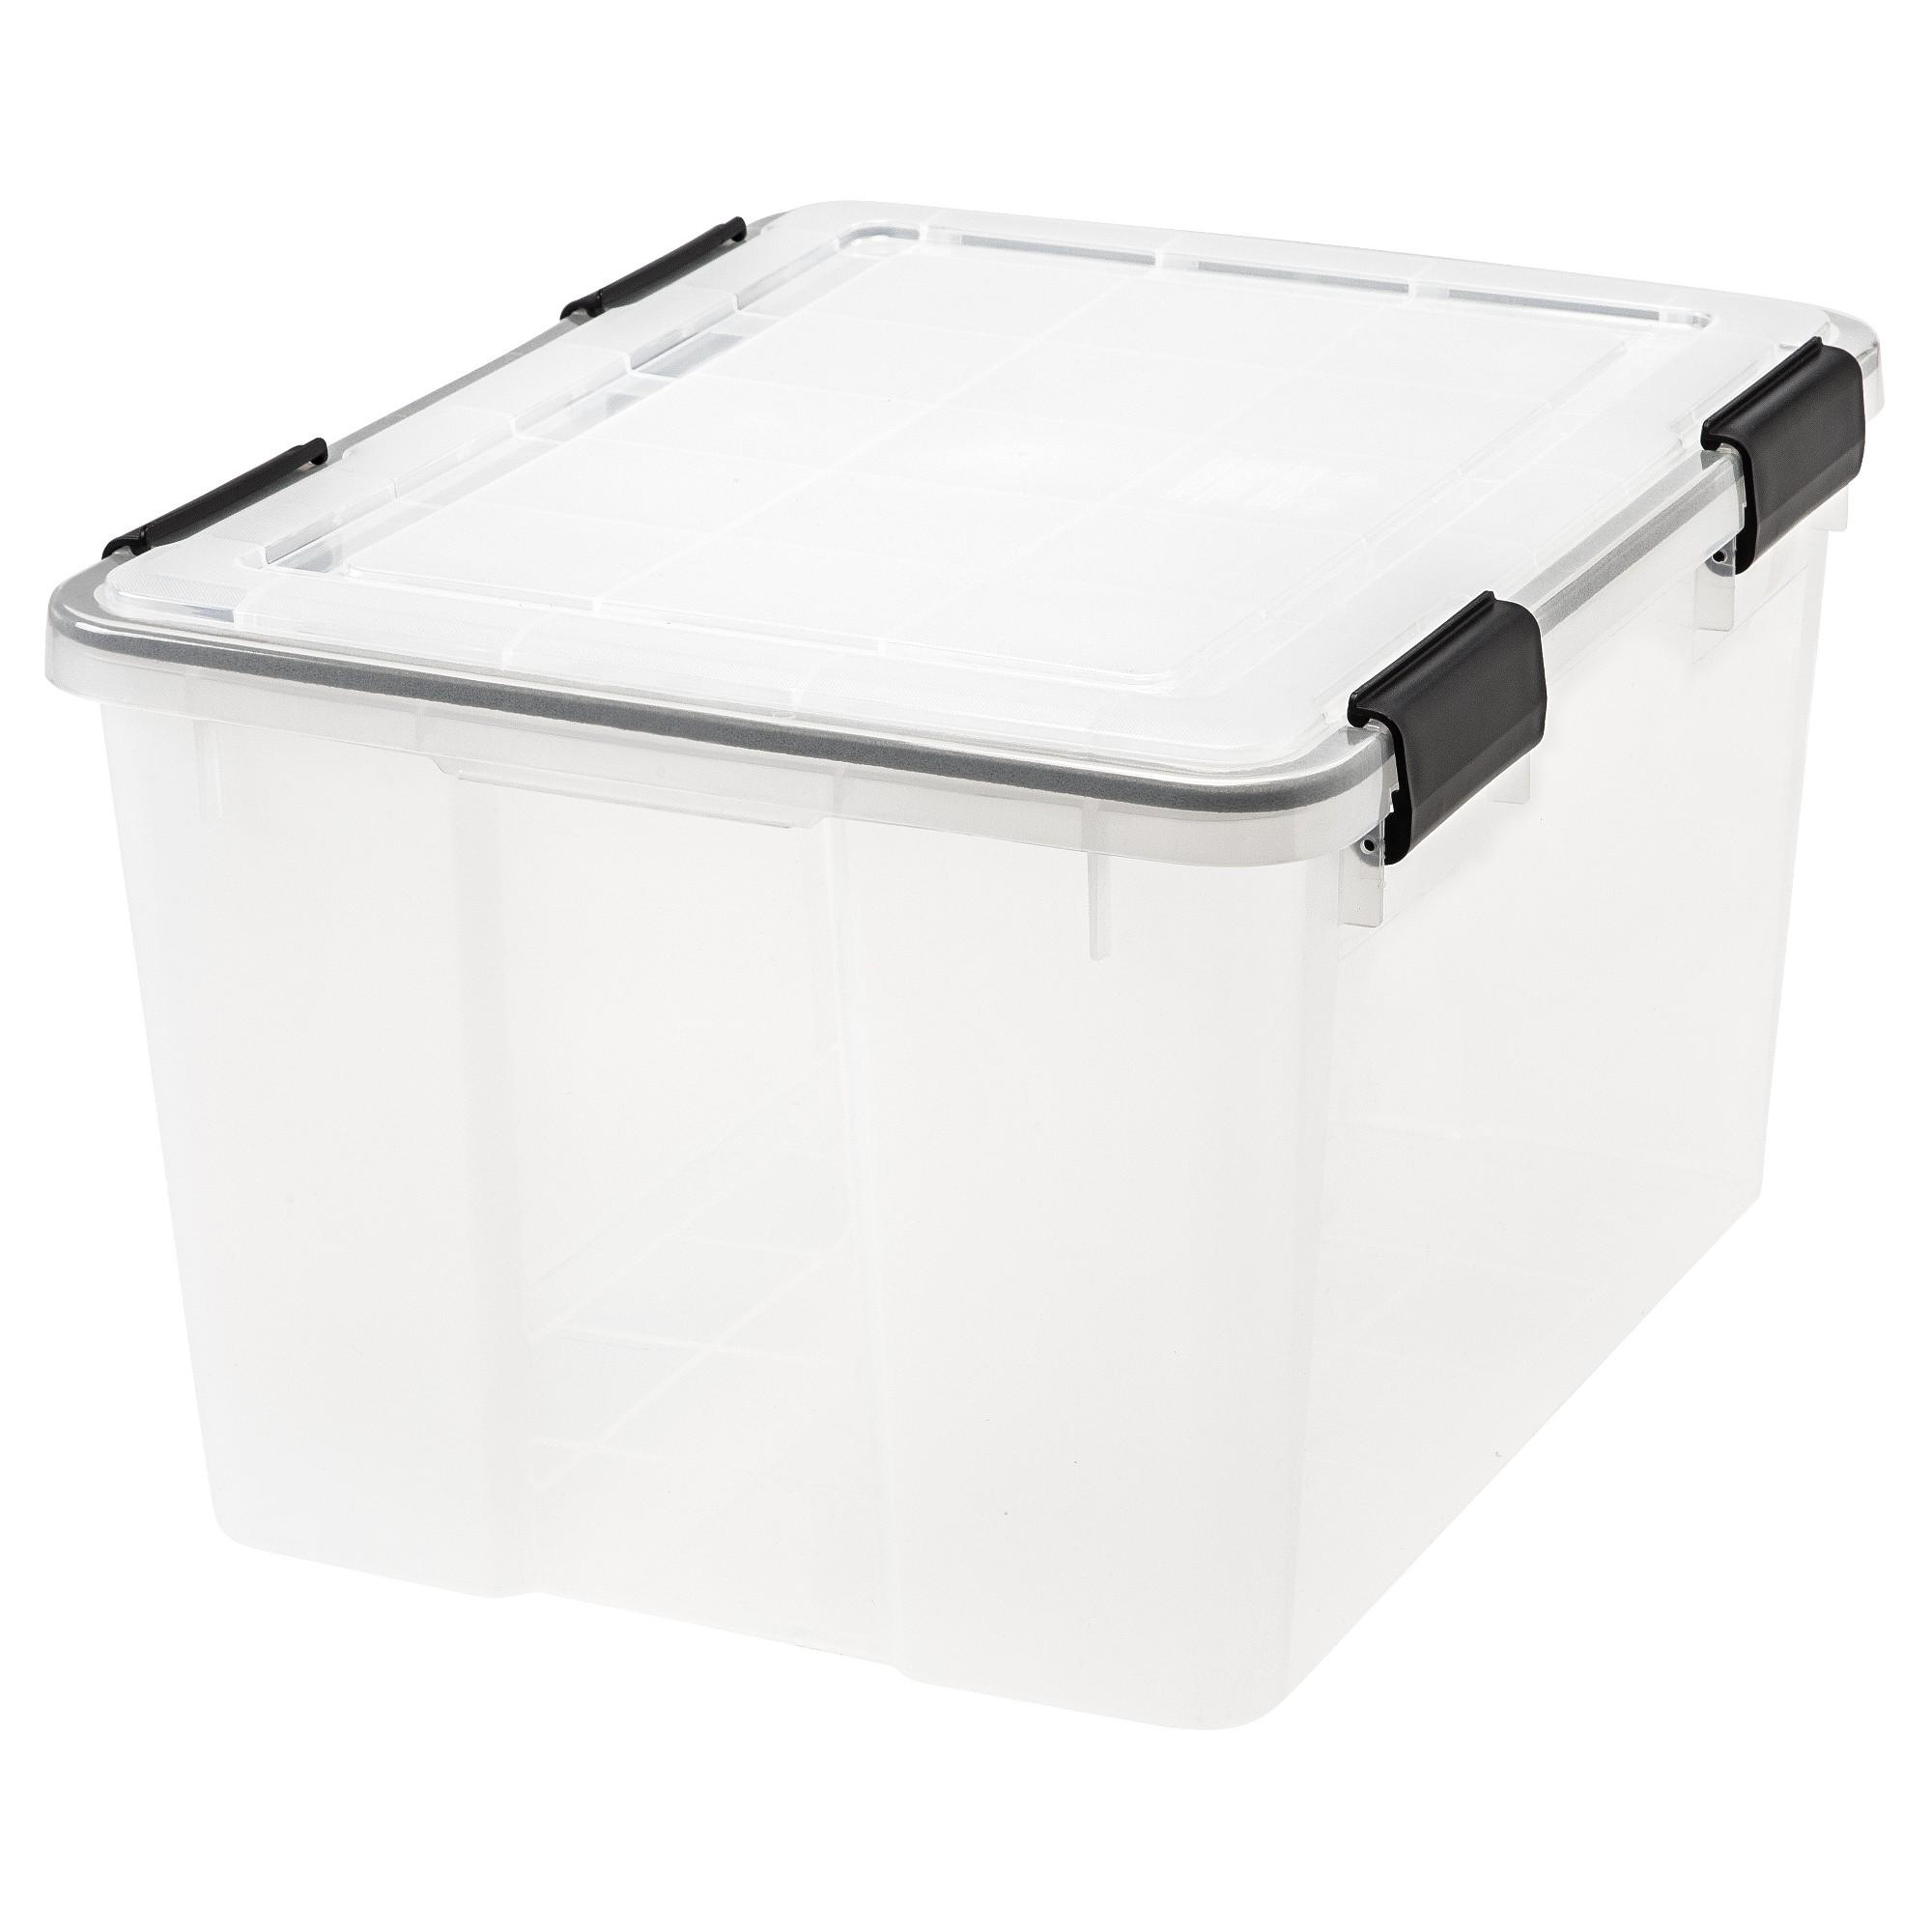 Iris 46qt Plastic Storage Bin Clear Plastic Box Storage